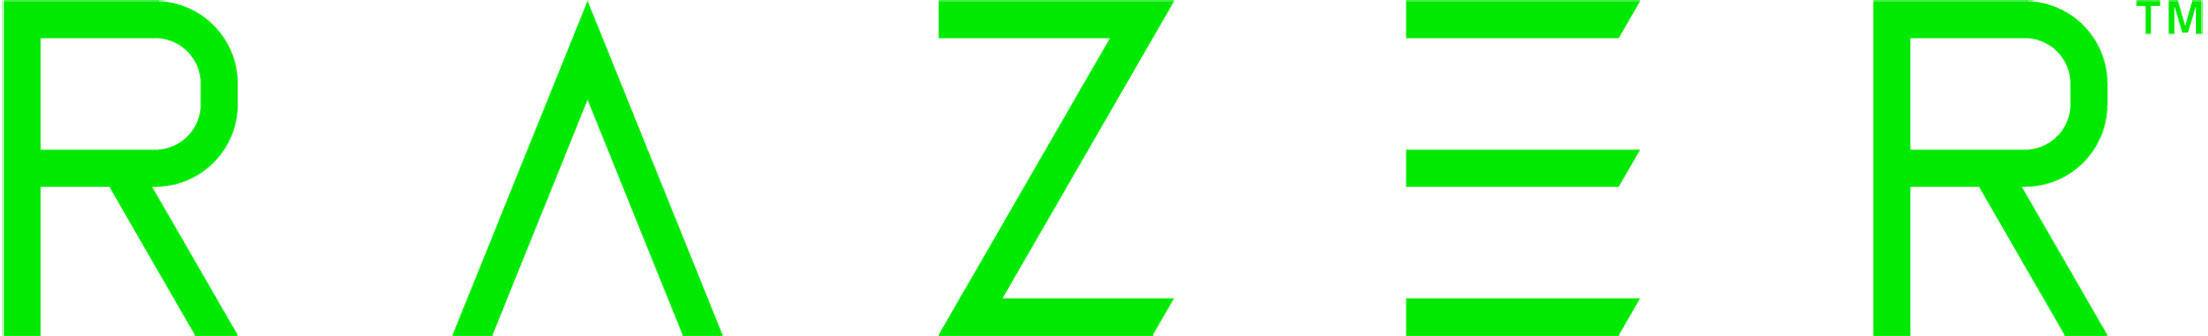 Razer Kiyo Full HD webcam 1920 x 1080 pix, 1280 x 720 pix